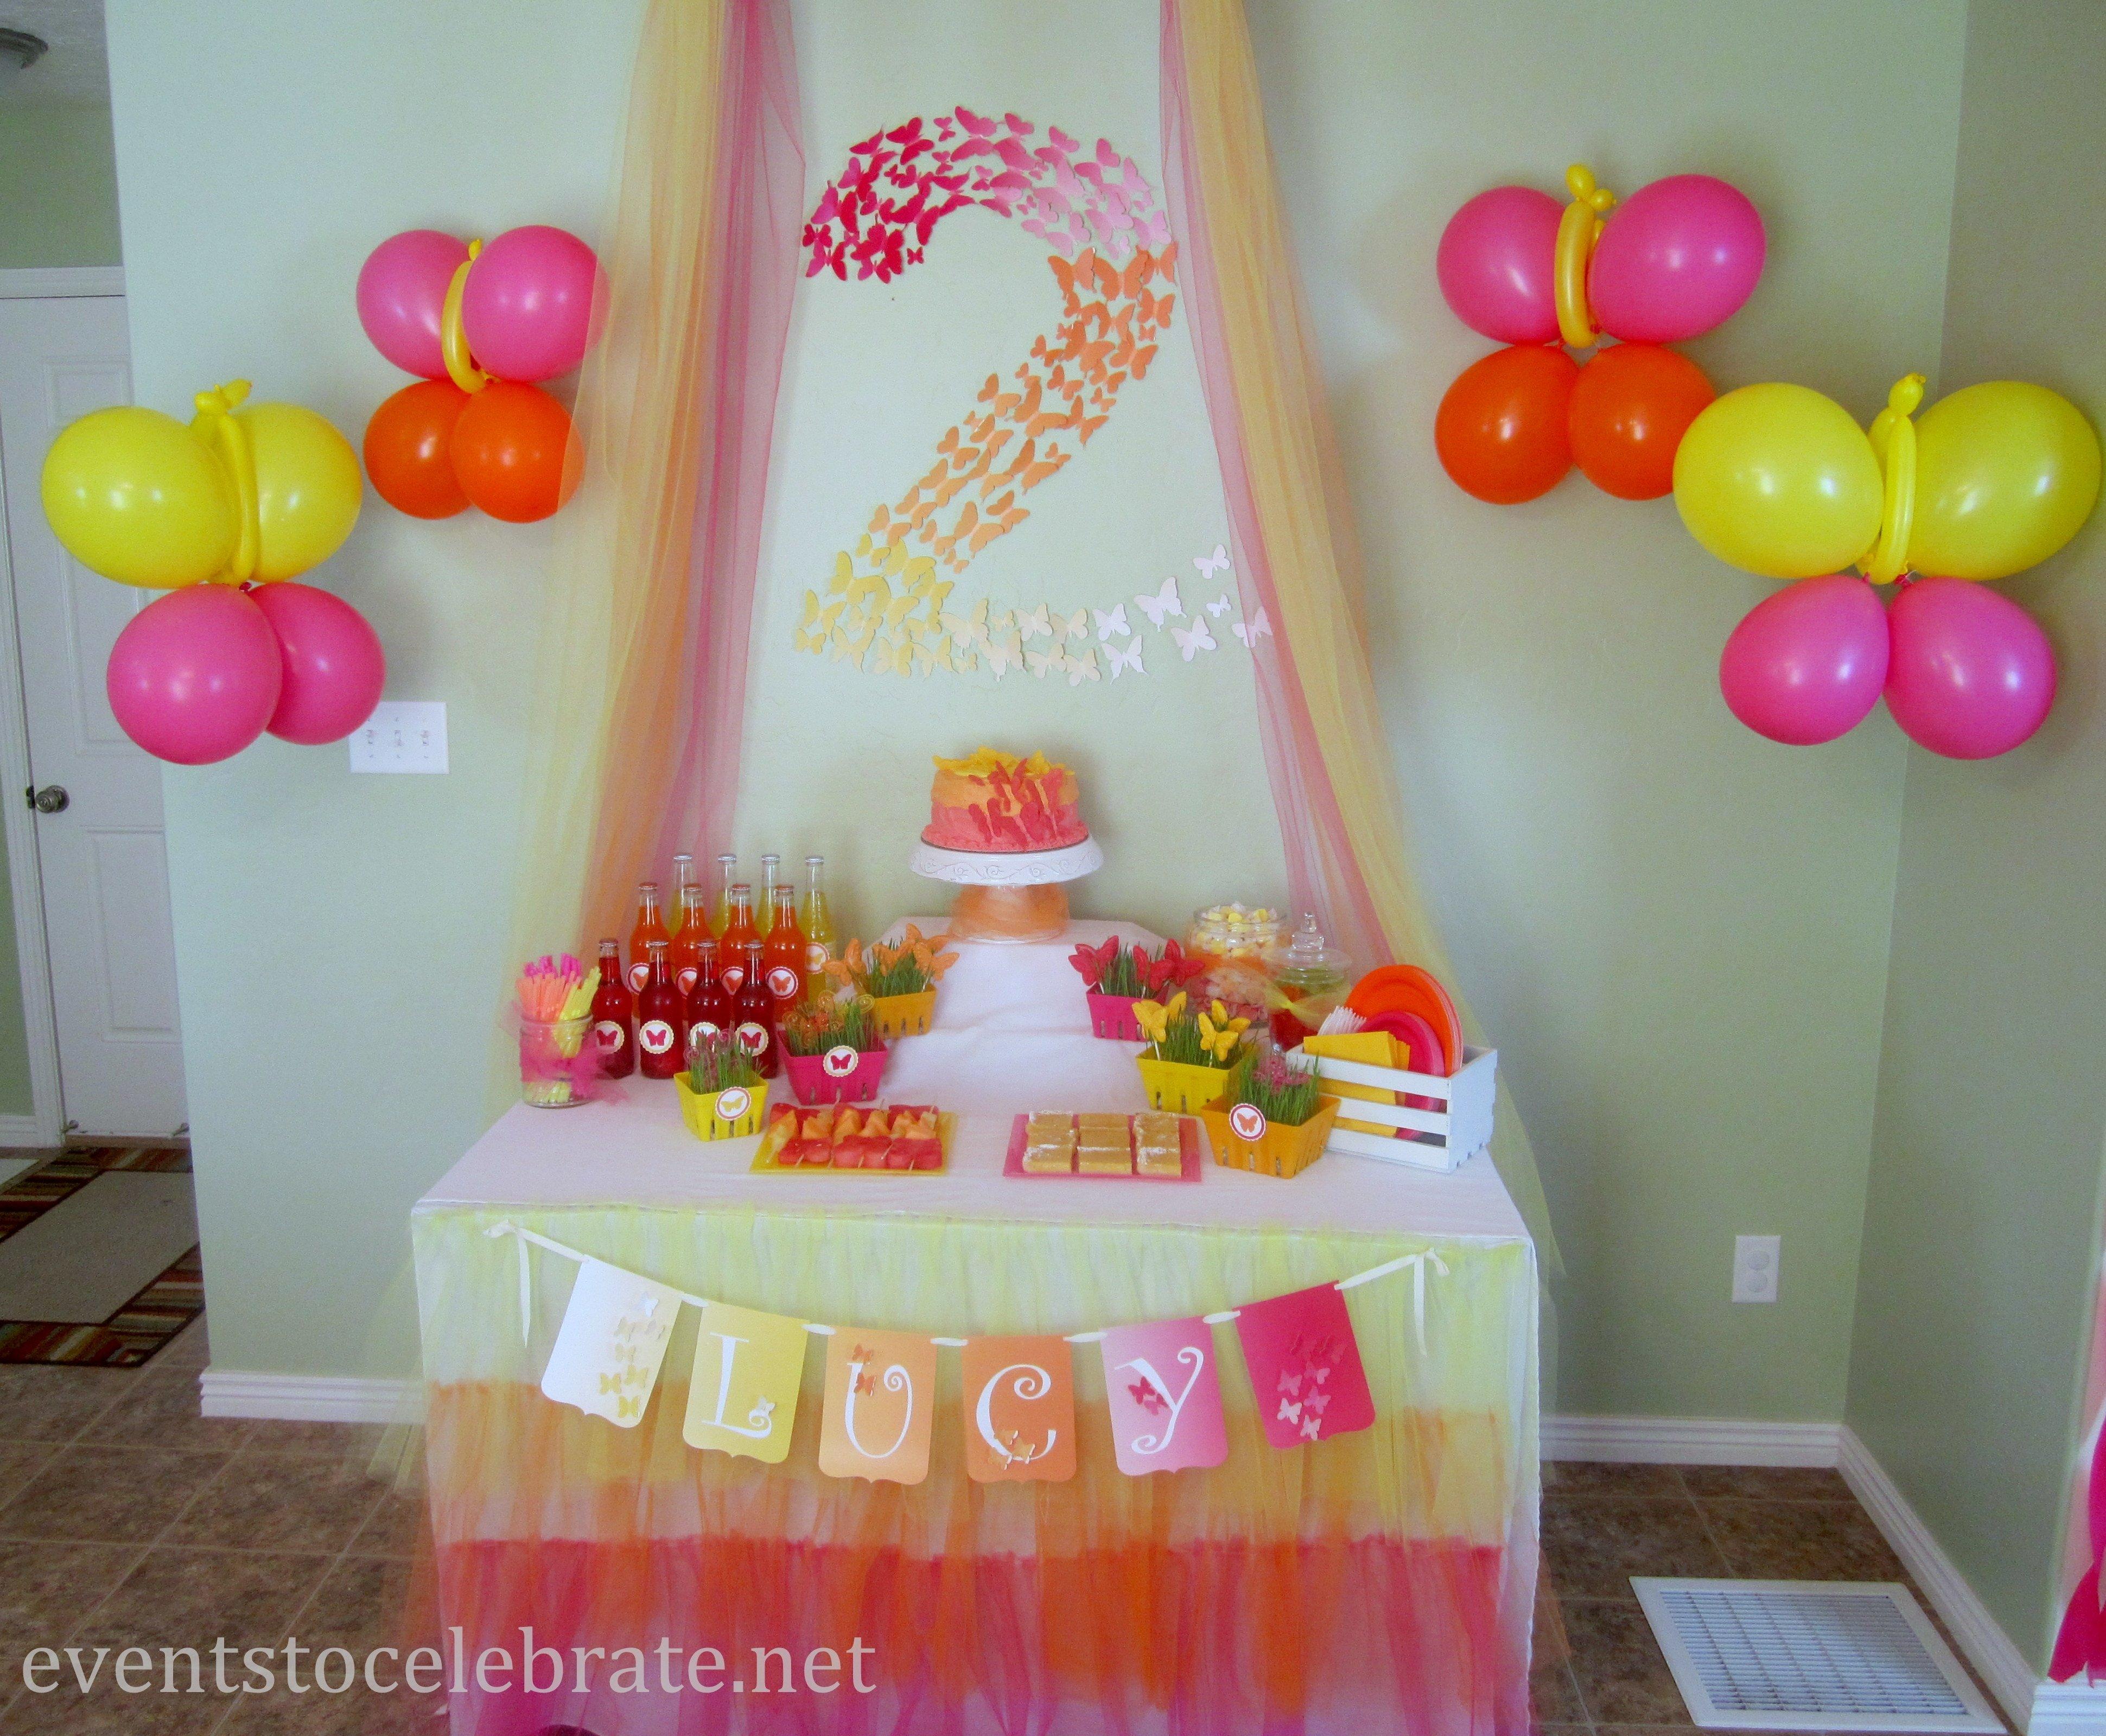 decoracao festa infantil simples13 - Dicas de decoração para festa infantil simples